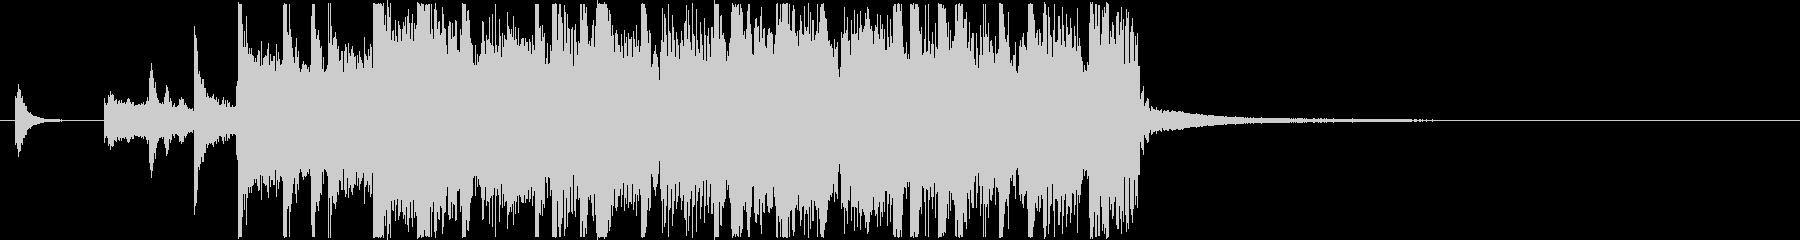 生演奏メタルなアイキャッチ18の未再生の波形